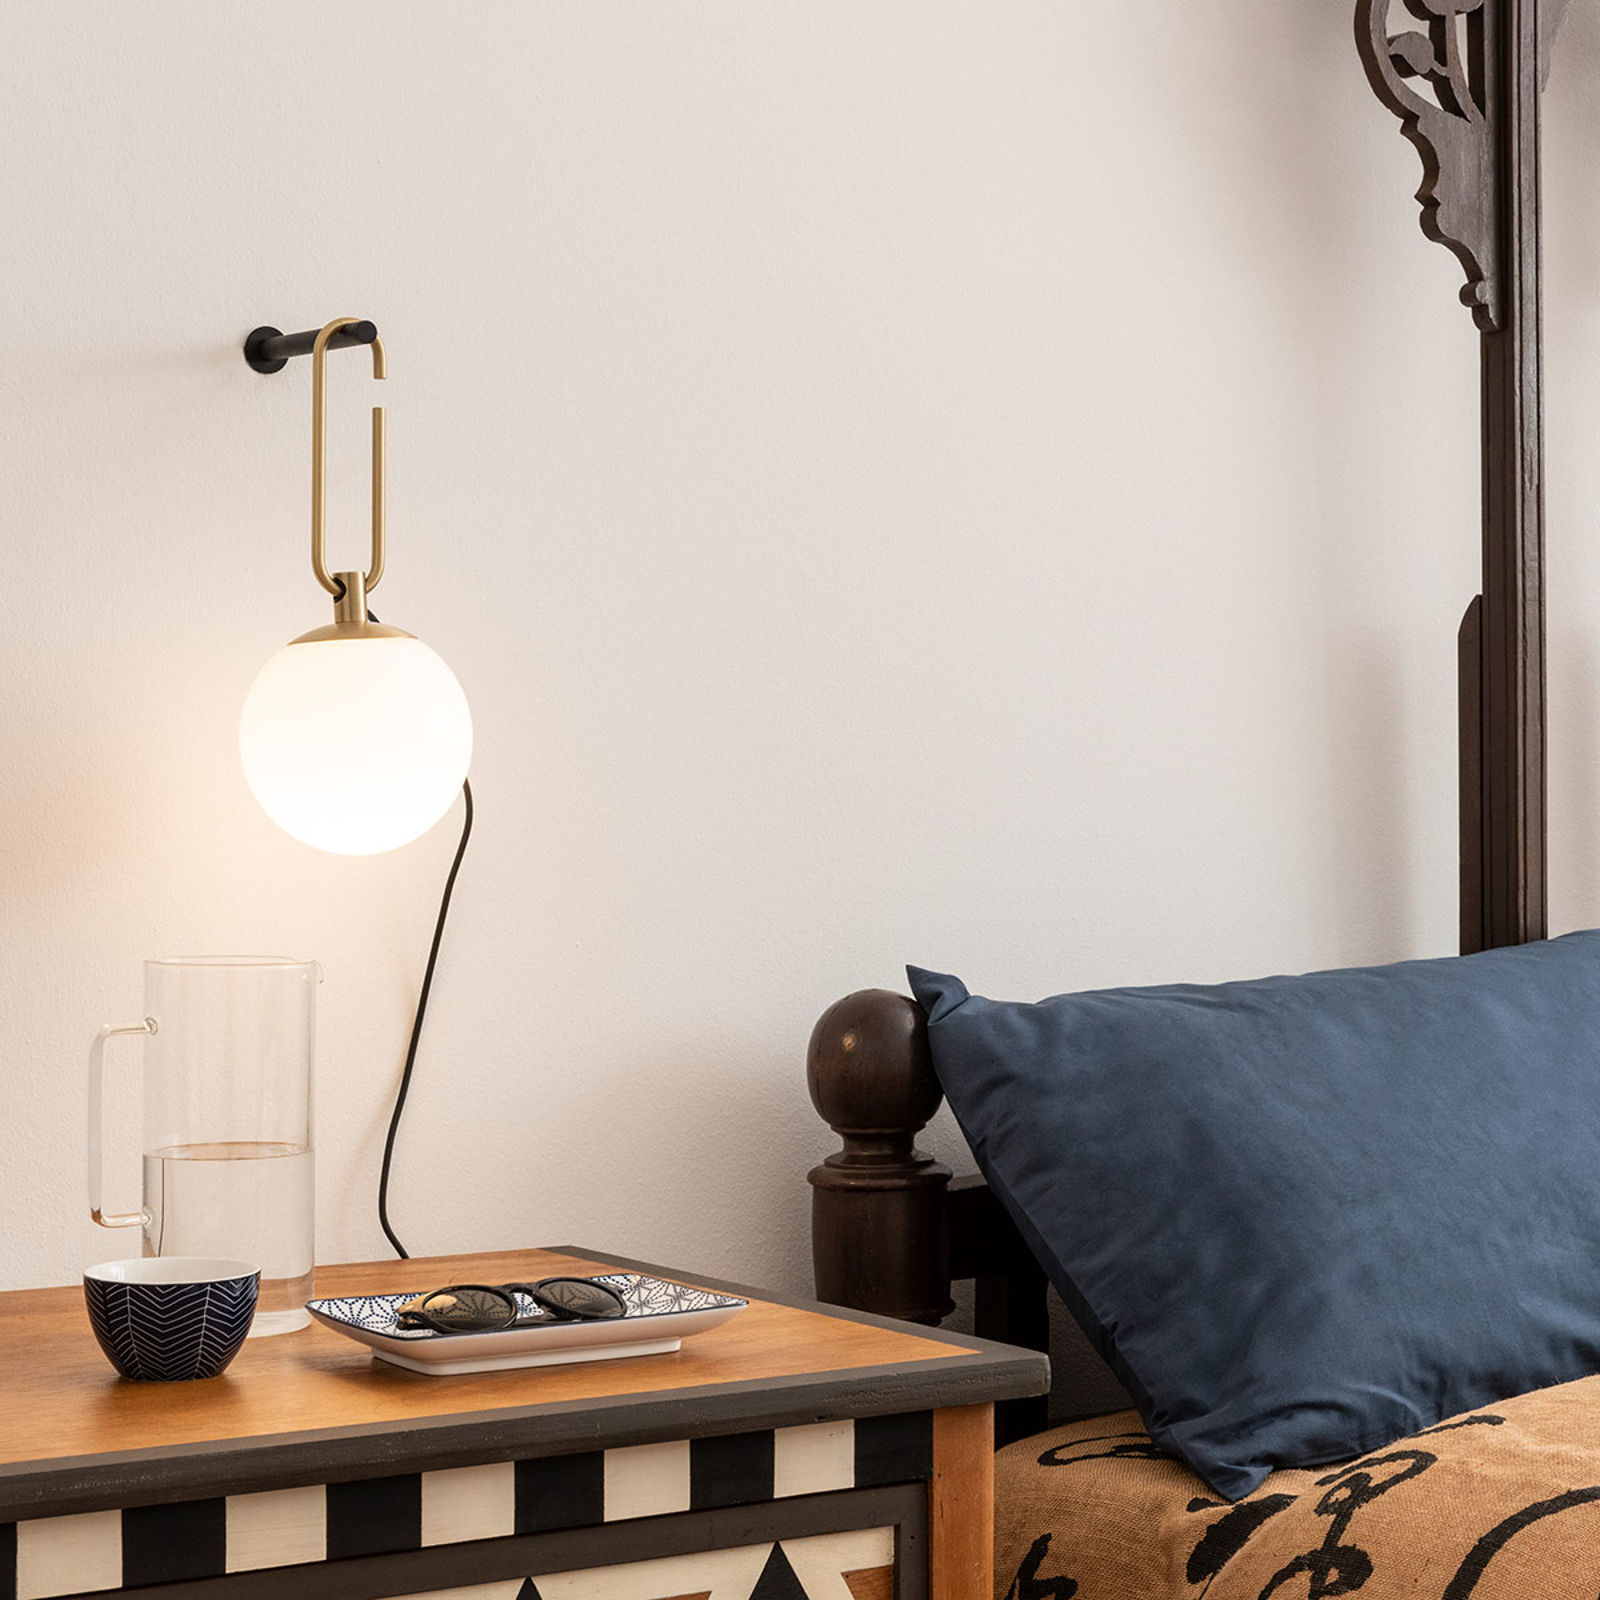 Artemide nh Wall wandlamp met glasbol, messing